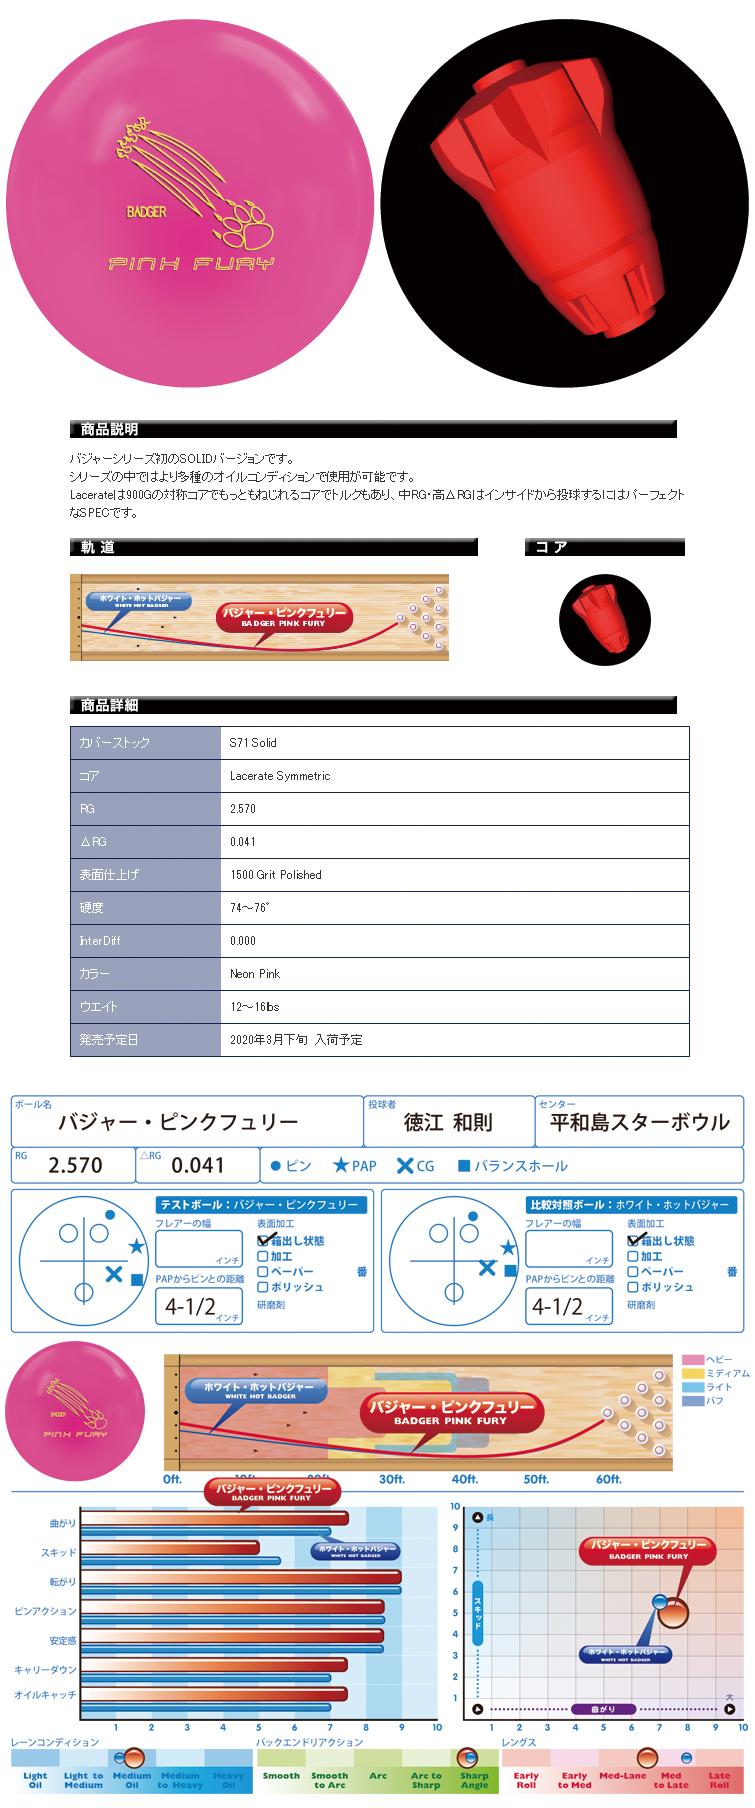 ボウリング用品 ボウリングボール 900グローバル 900GLOBAL バジャーピンクフュリー BADGER PINK FURY